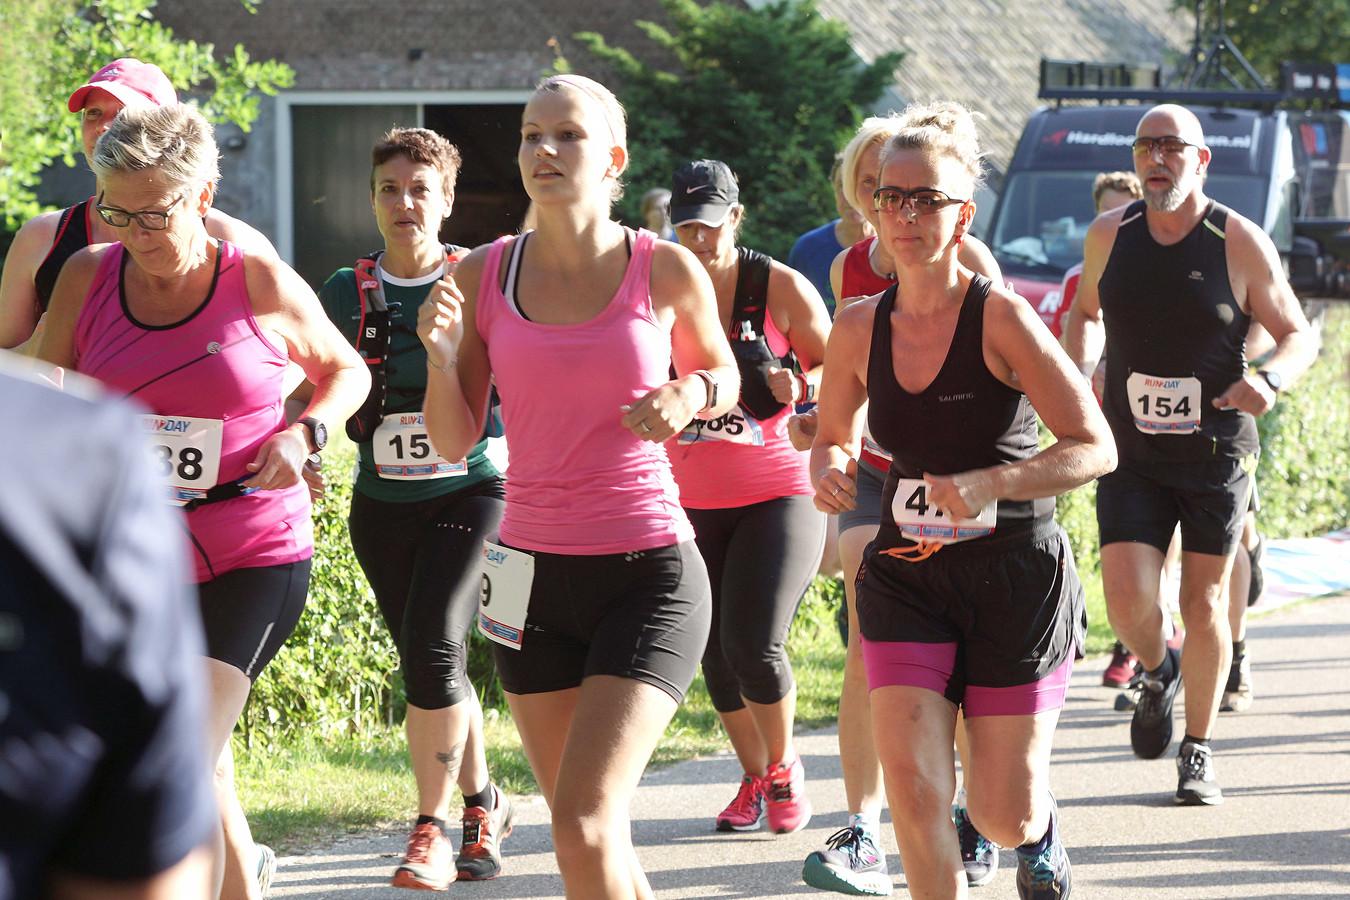 Deelnemers van de trailrun.